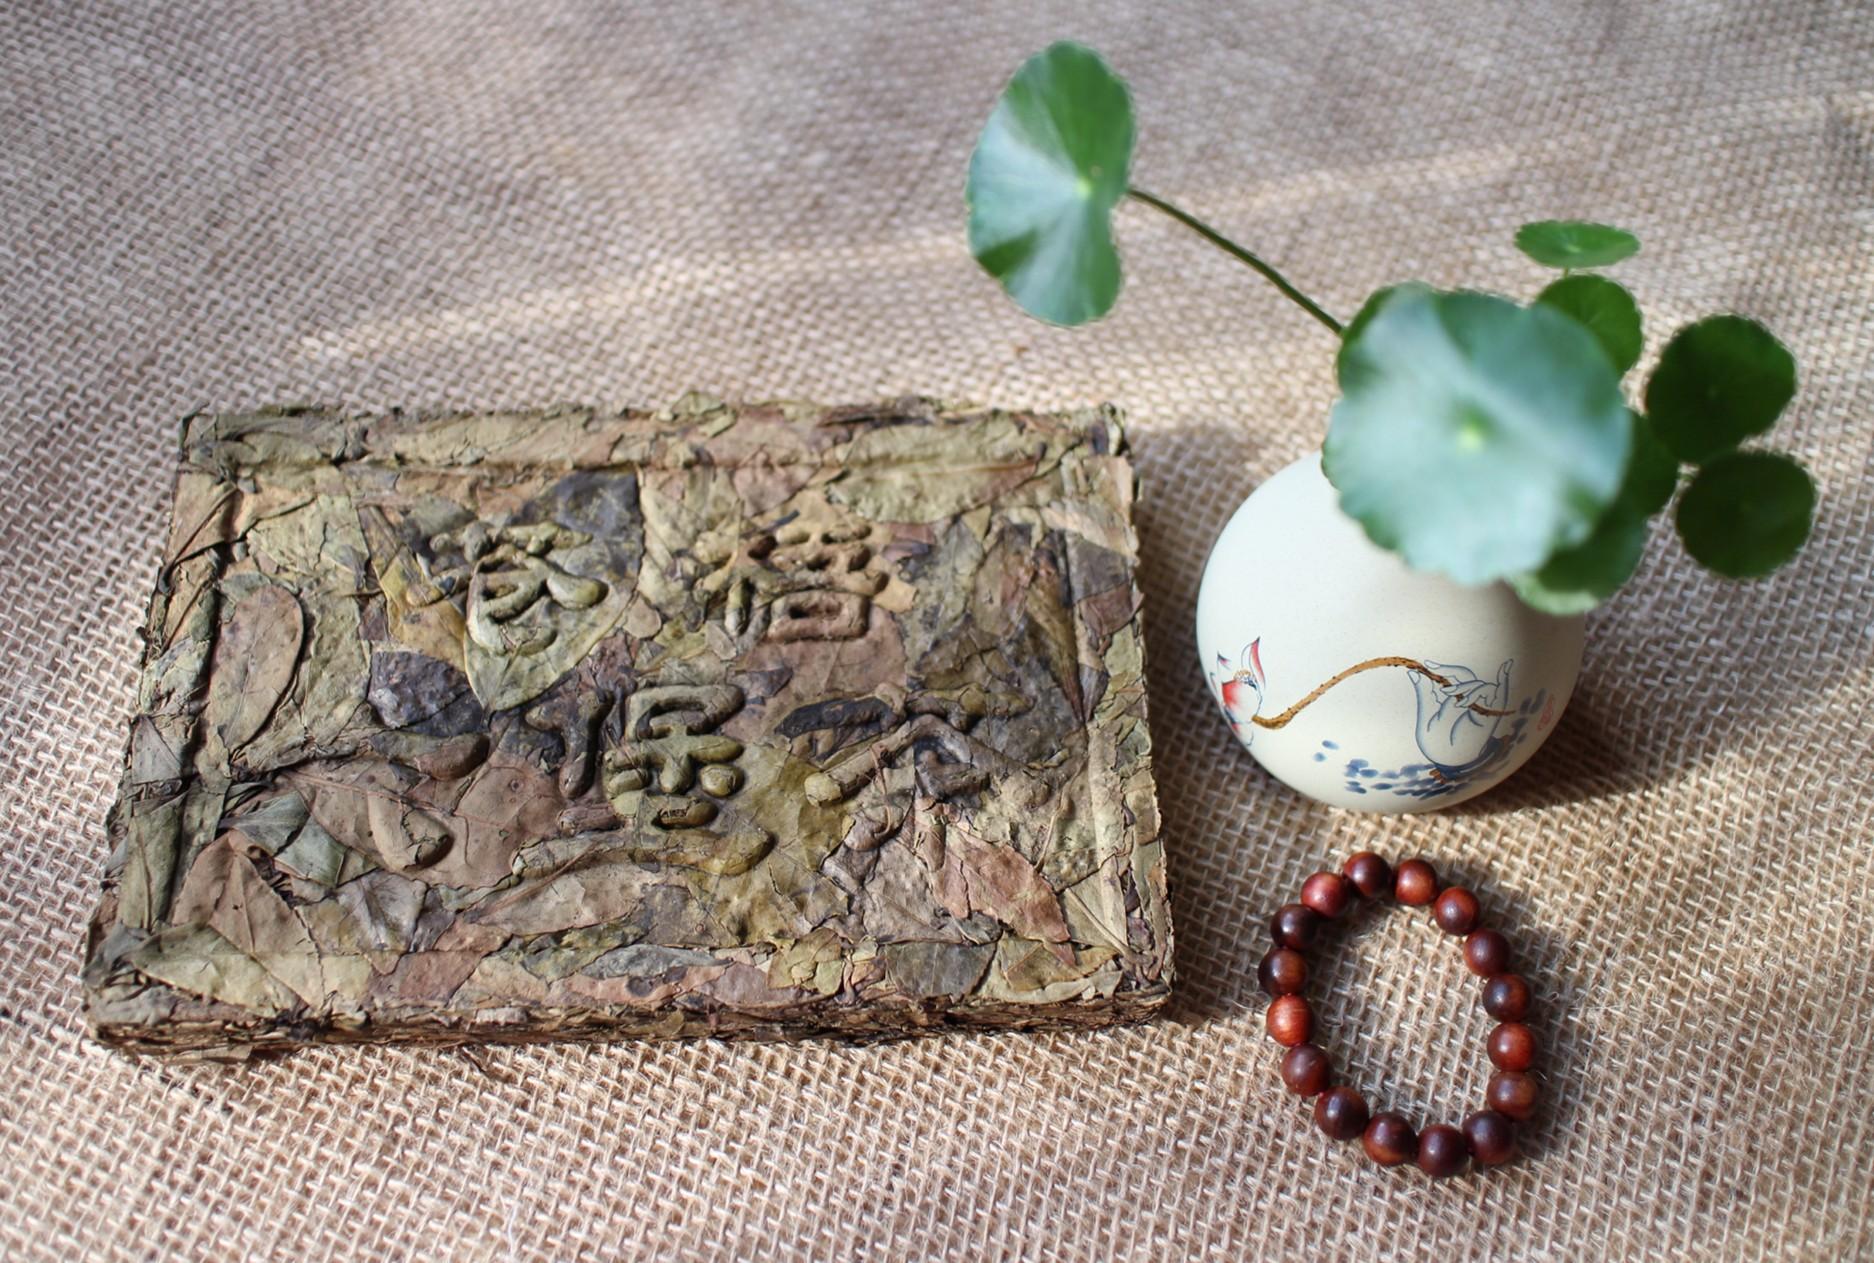 【老善家】霜降老茶婆茶饼2016年六堡茶茶砖黑茶生茶塘平村500克